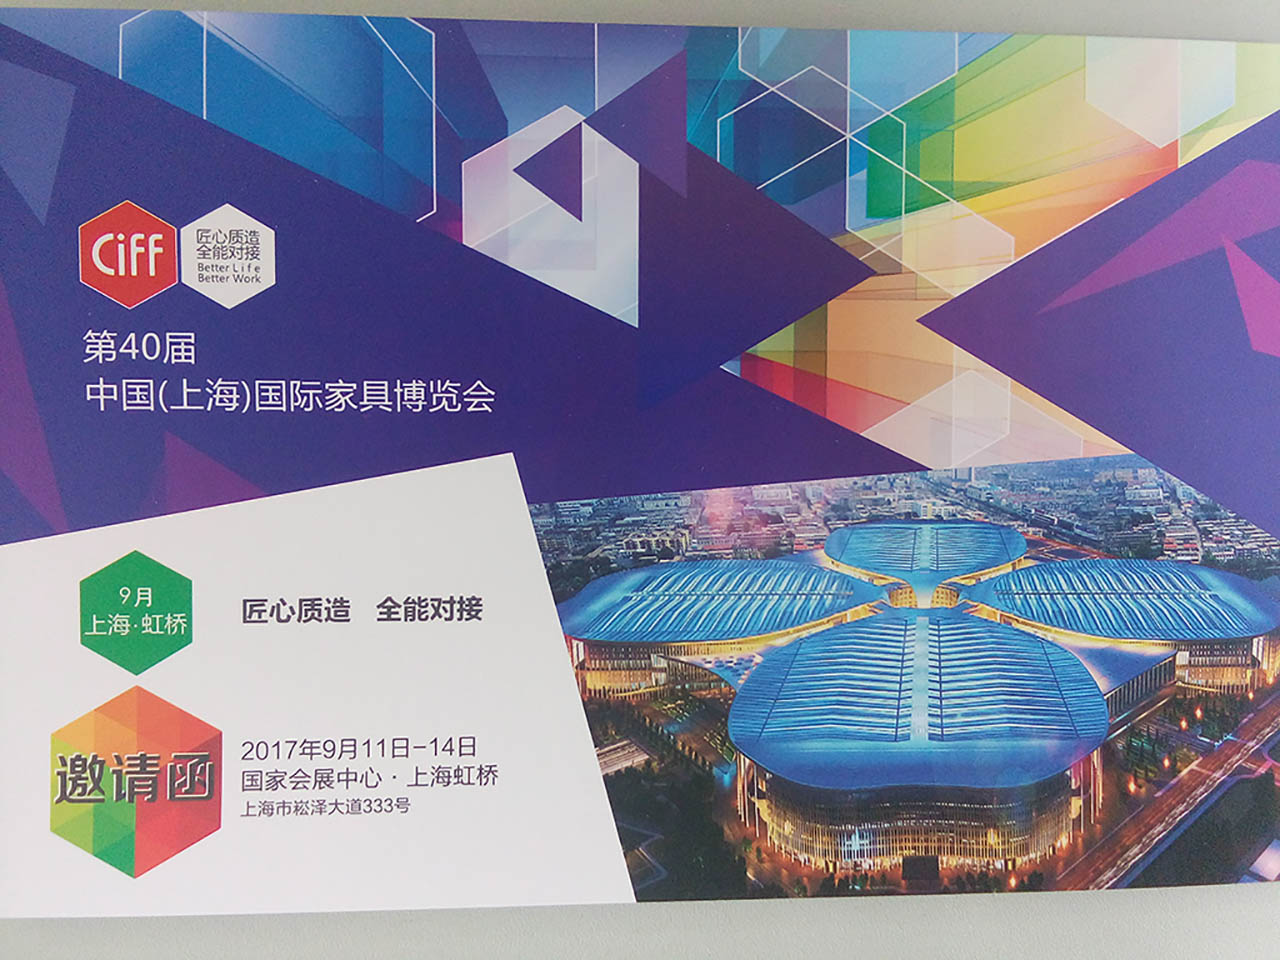 中国(上海)国际家具博览会  邀请函